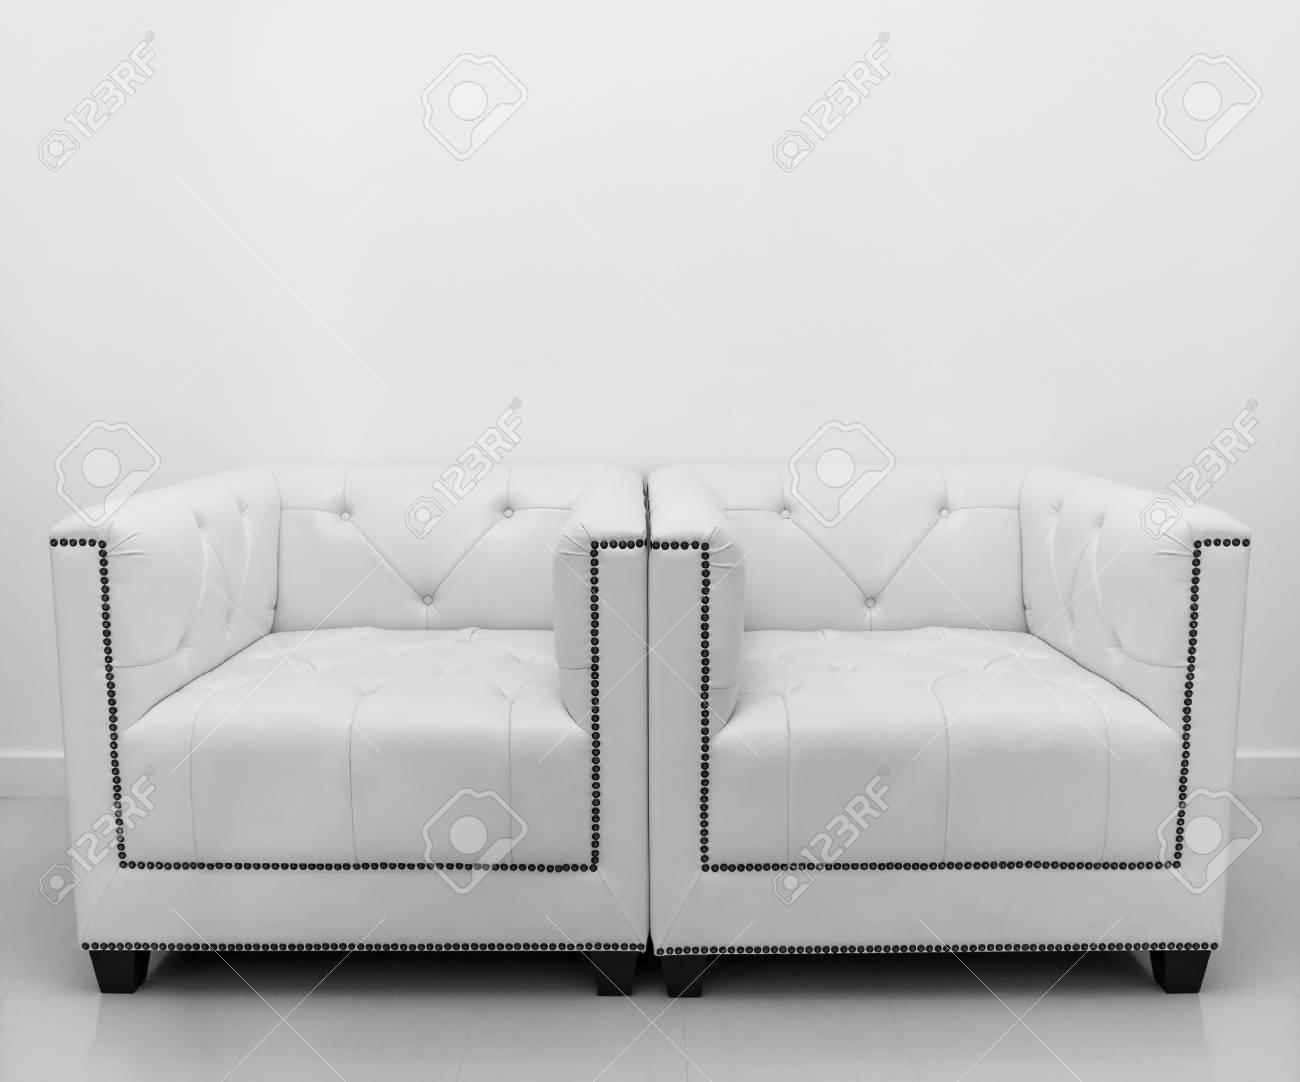 Geräumig Ledersofa Weiß Sammlung Von Weiß Standard-bild - 20457527